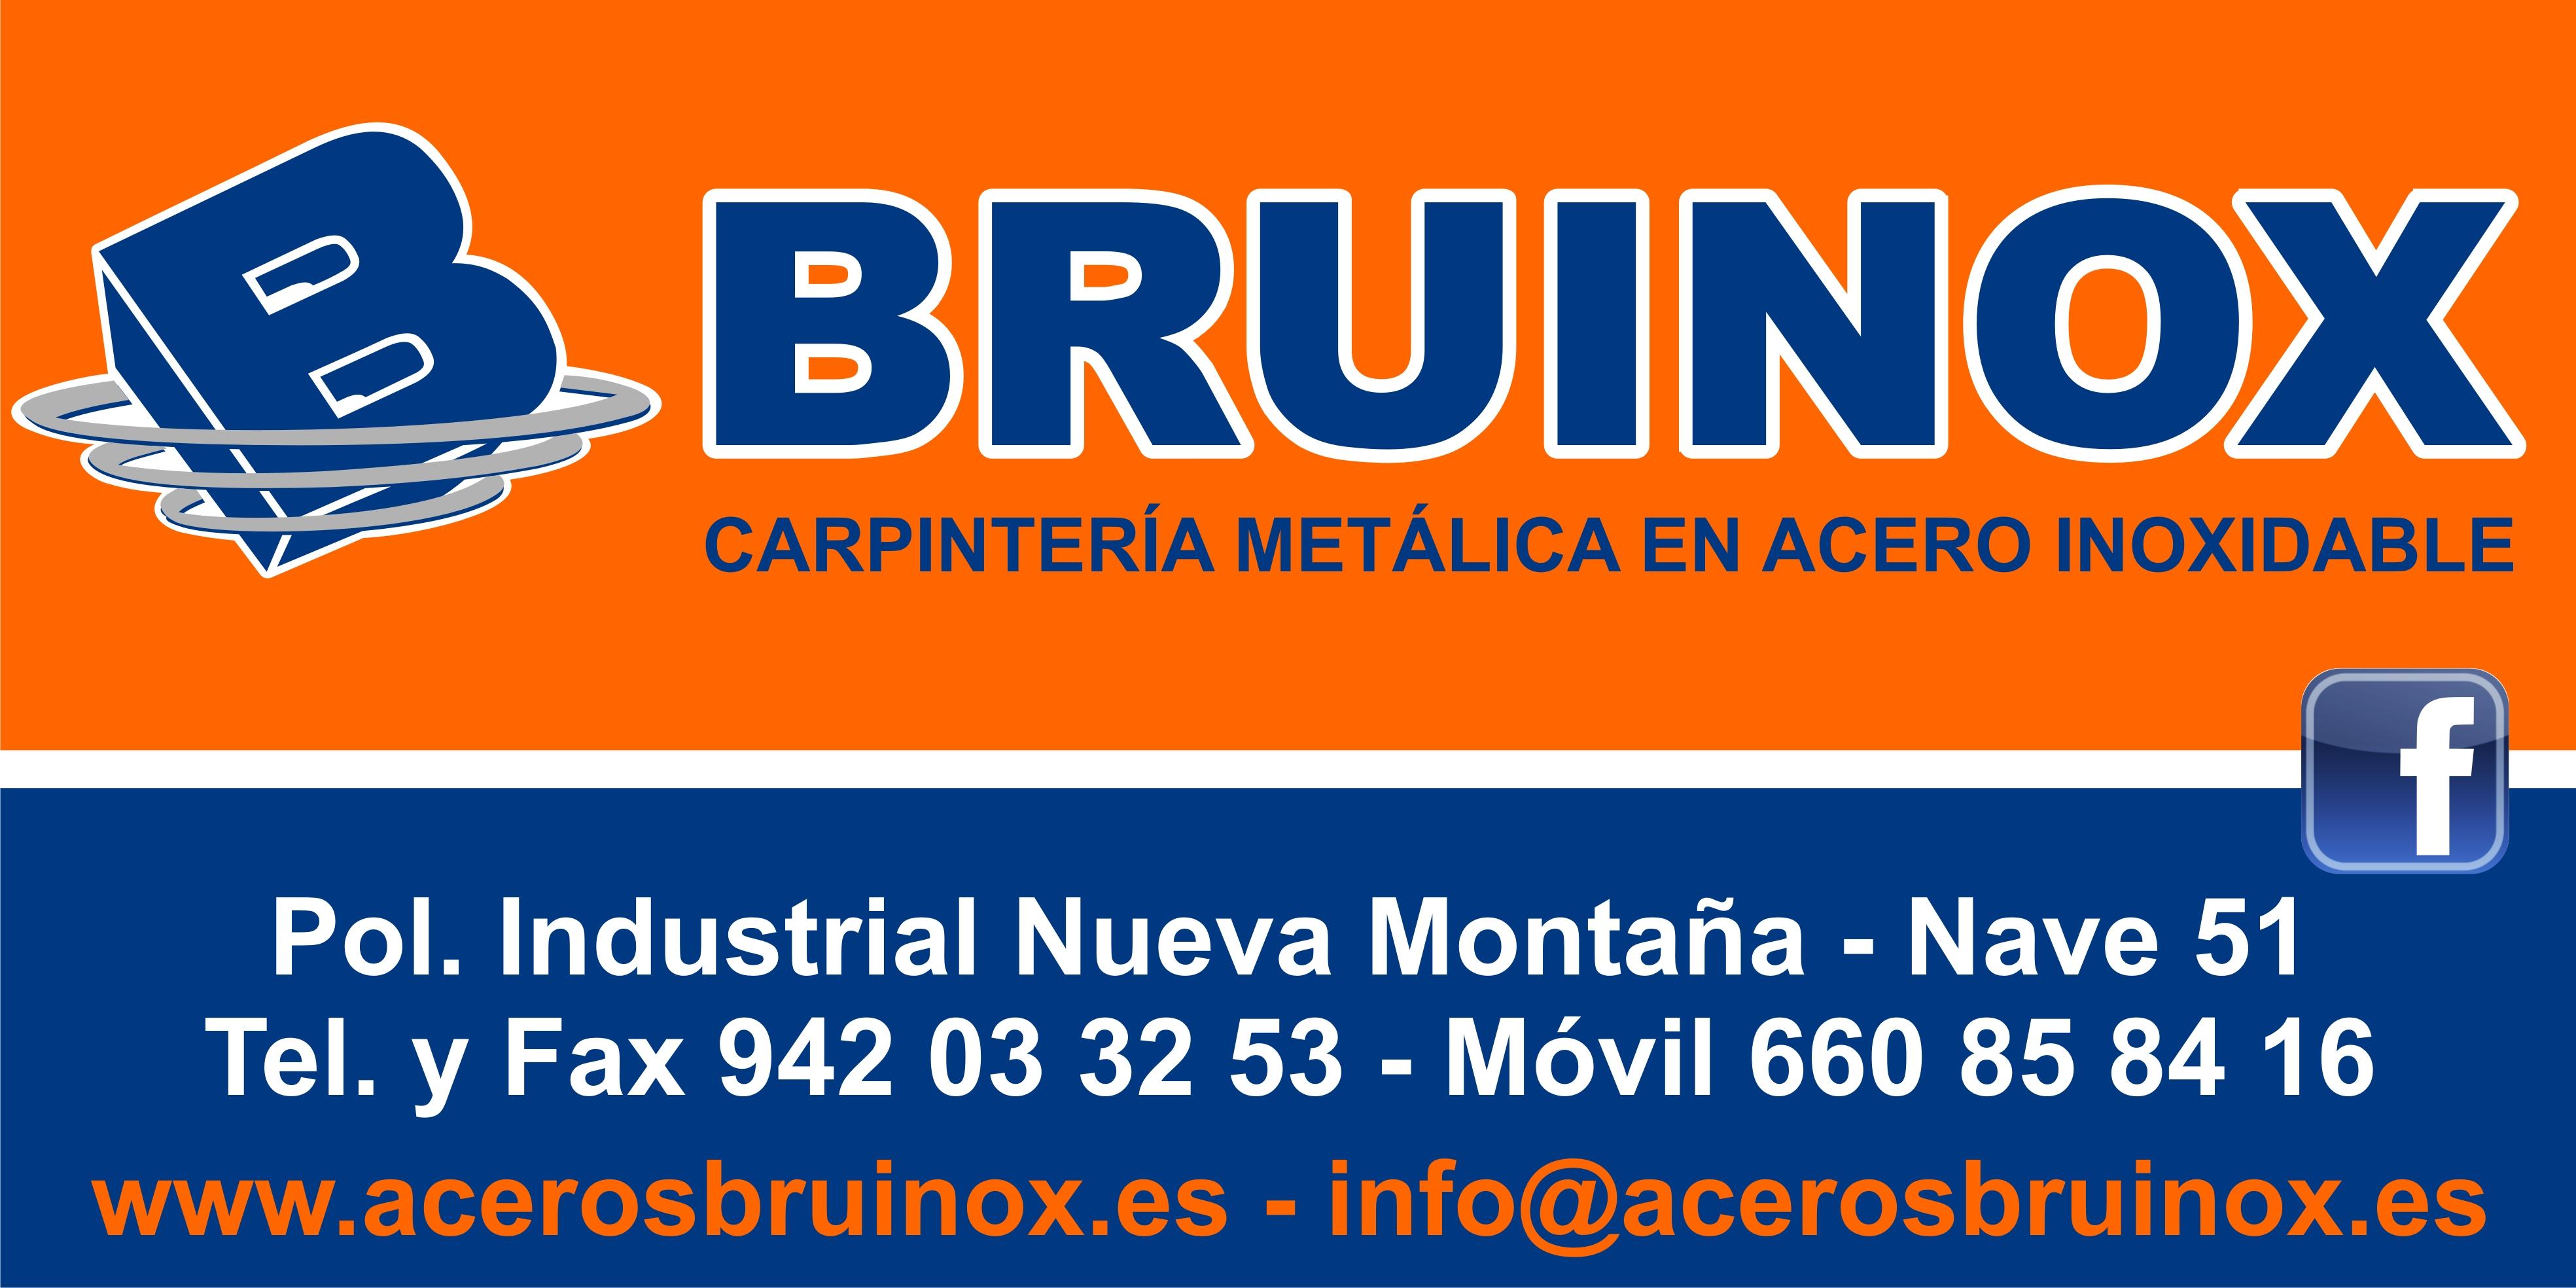 BRUINOX